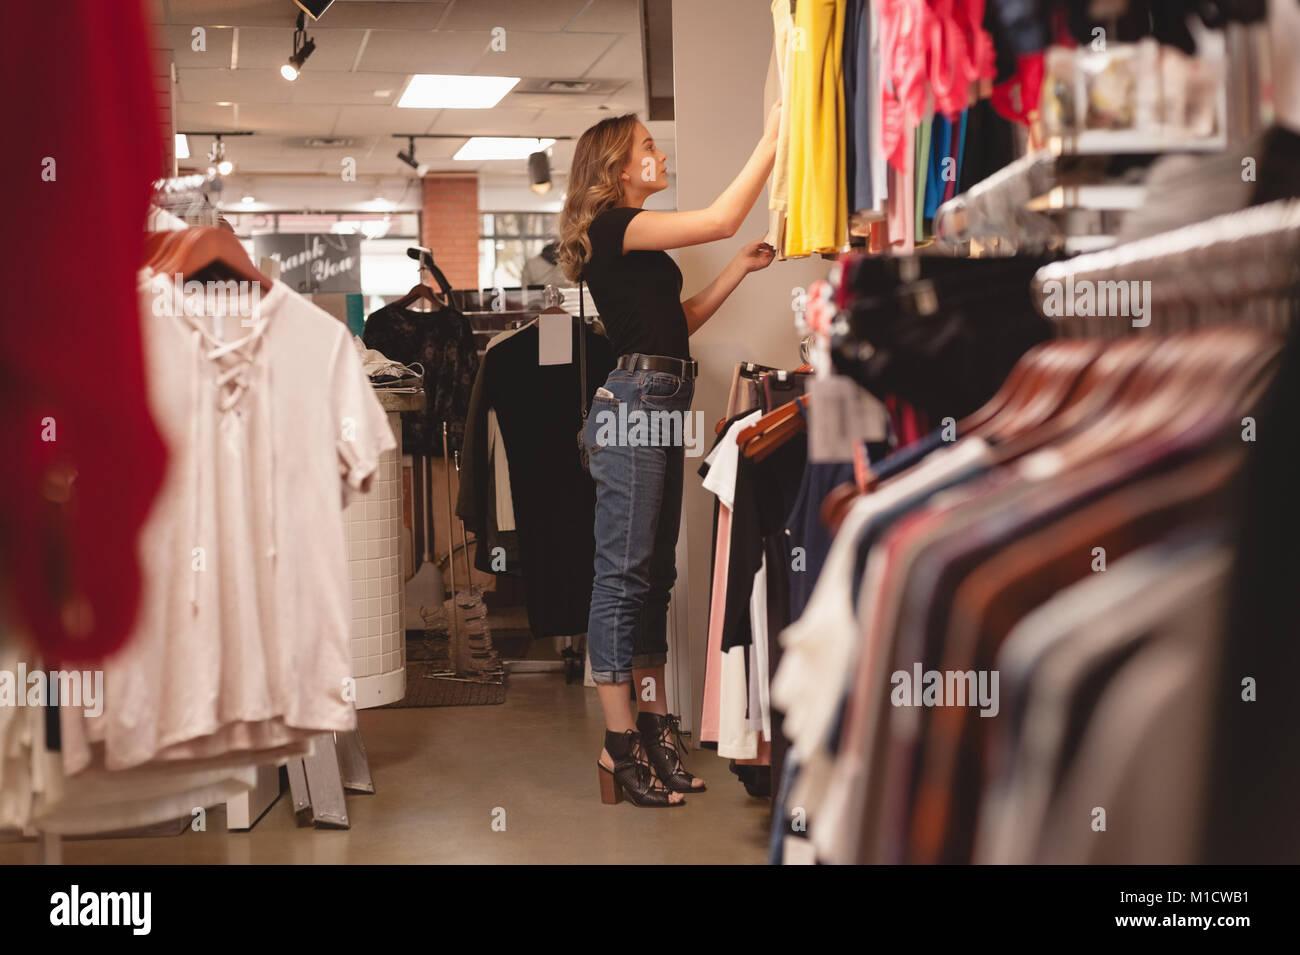 Schöne Frau Einkaufsmöglichkeiten für Kleidung Stockbild